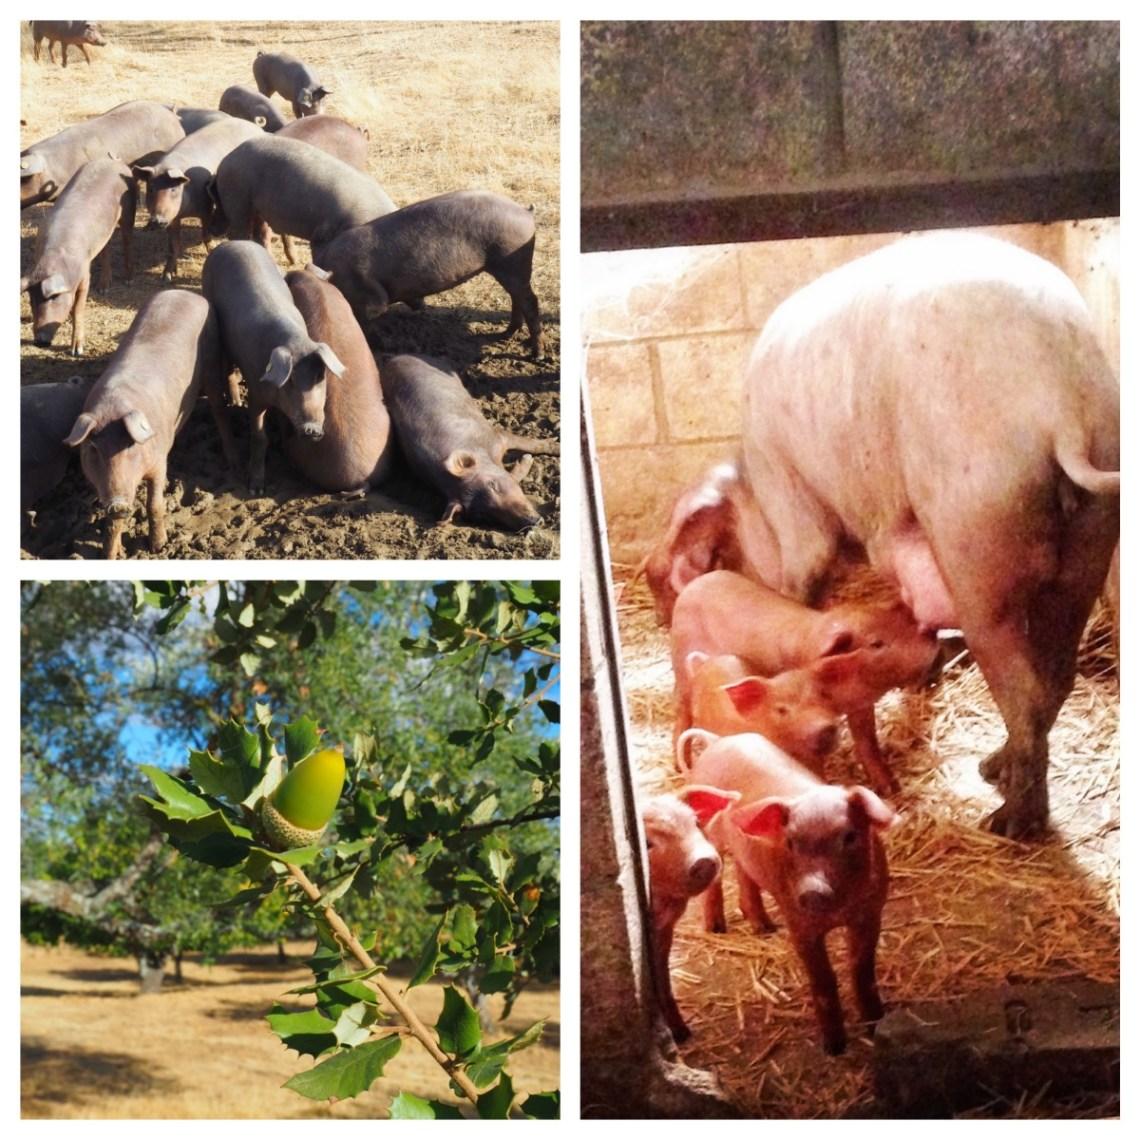 Griser og griser collage